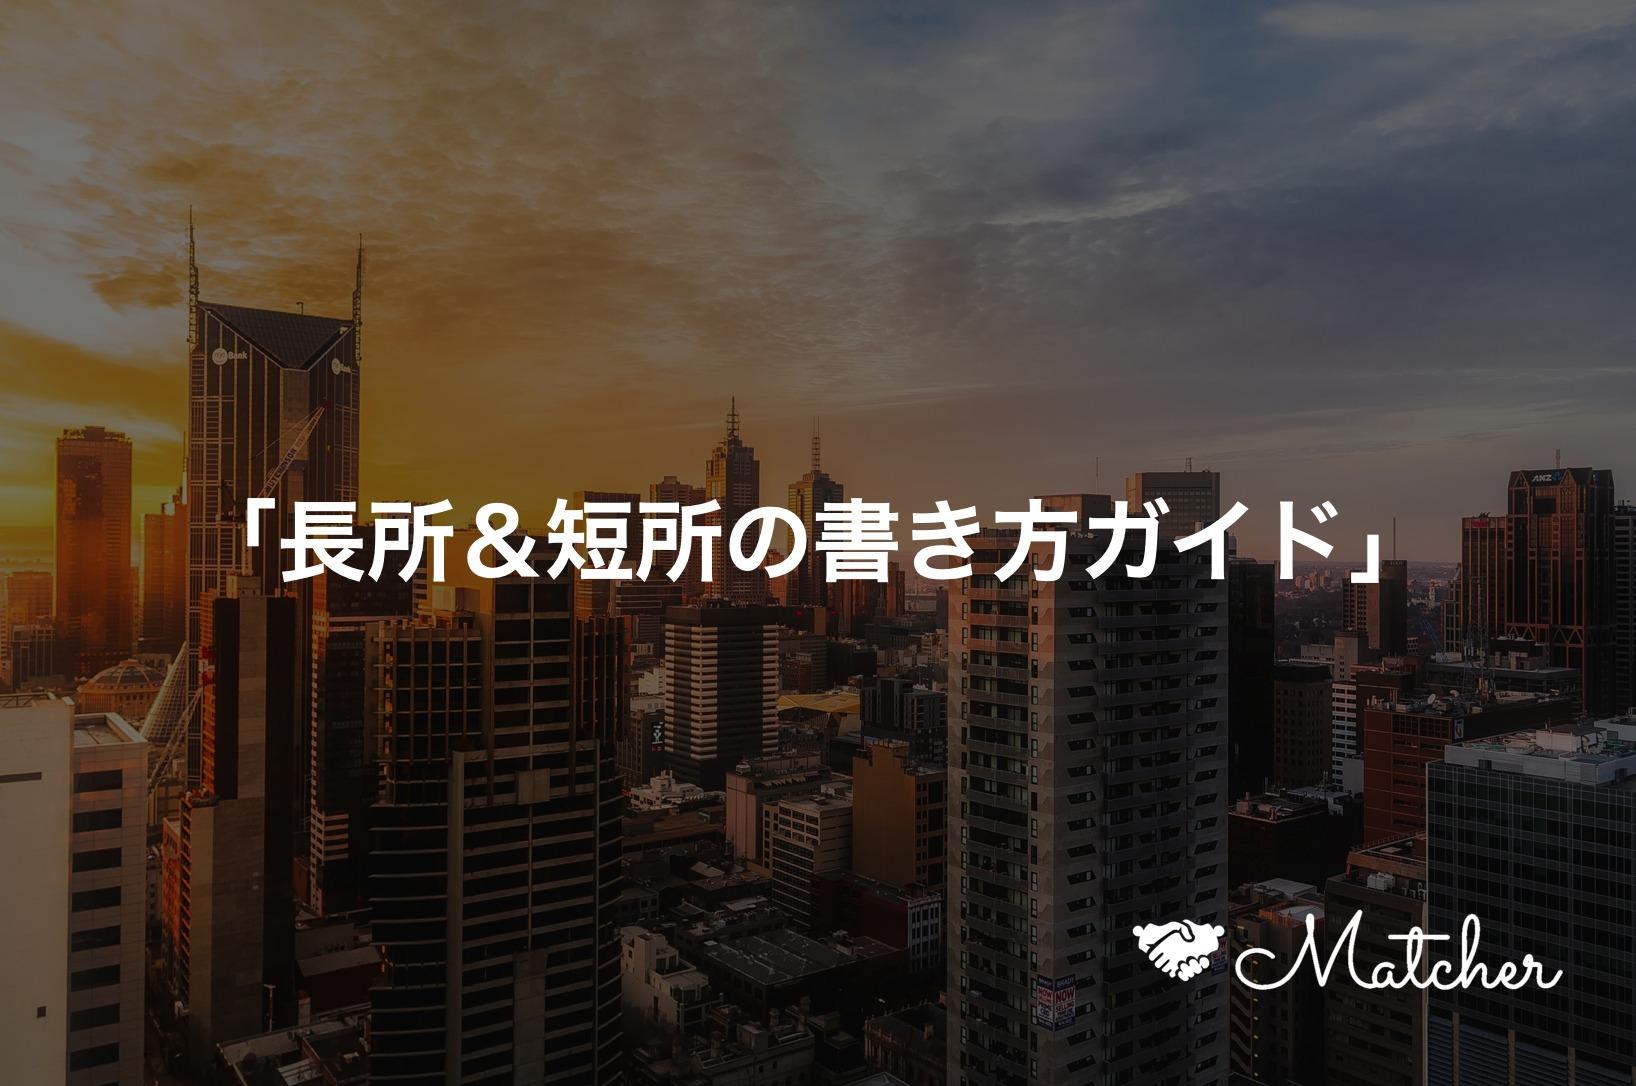 長所&短所の書き方ガイドならMatcher(マッチャー))